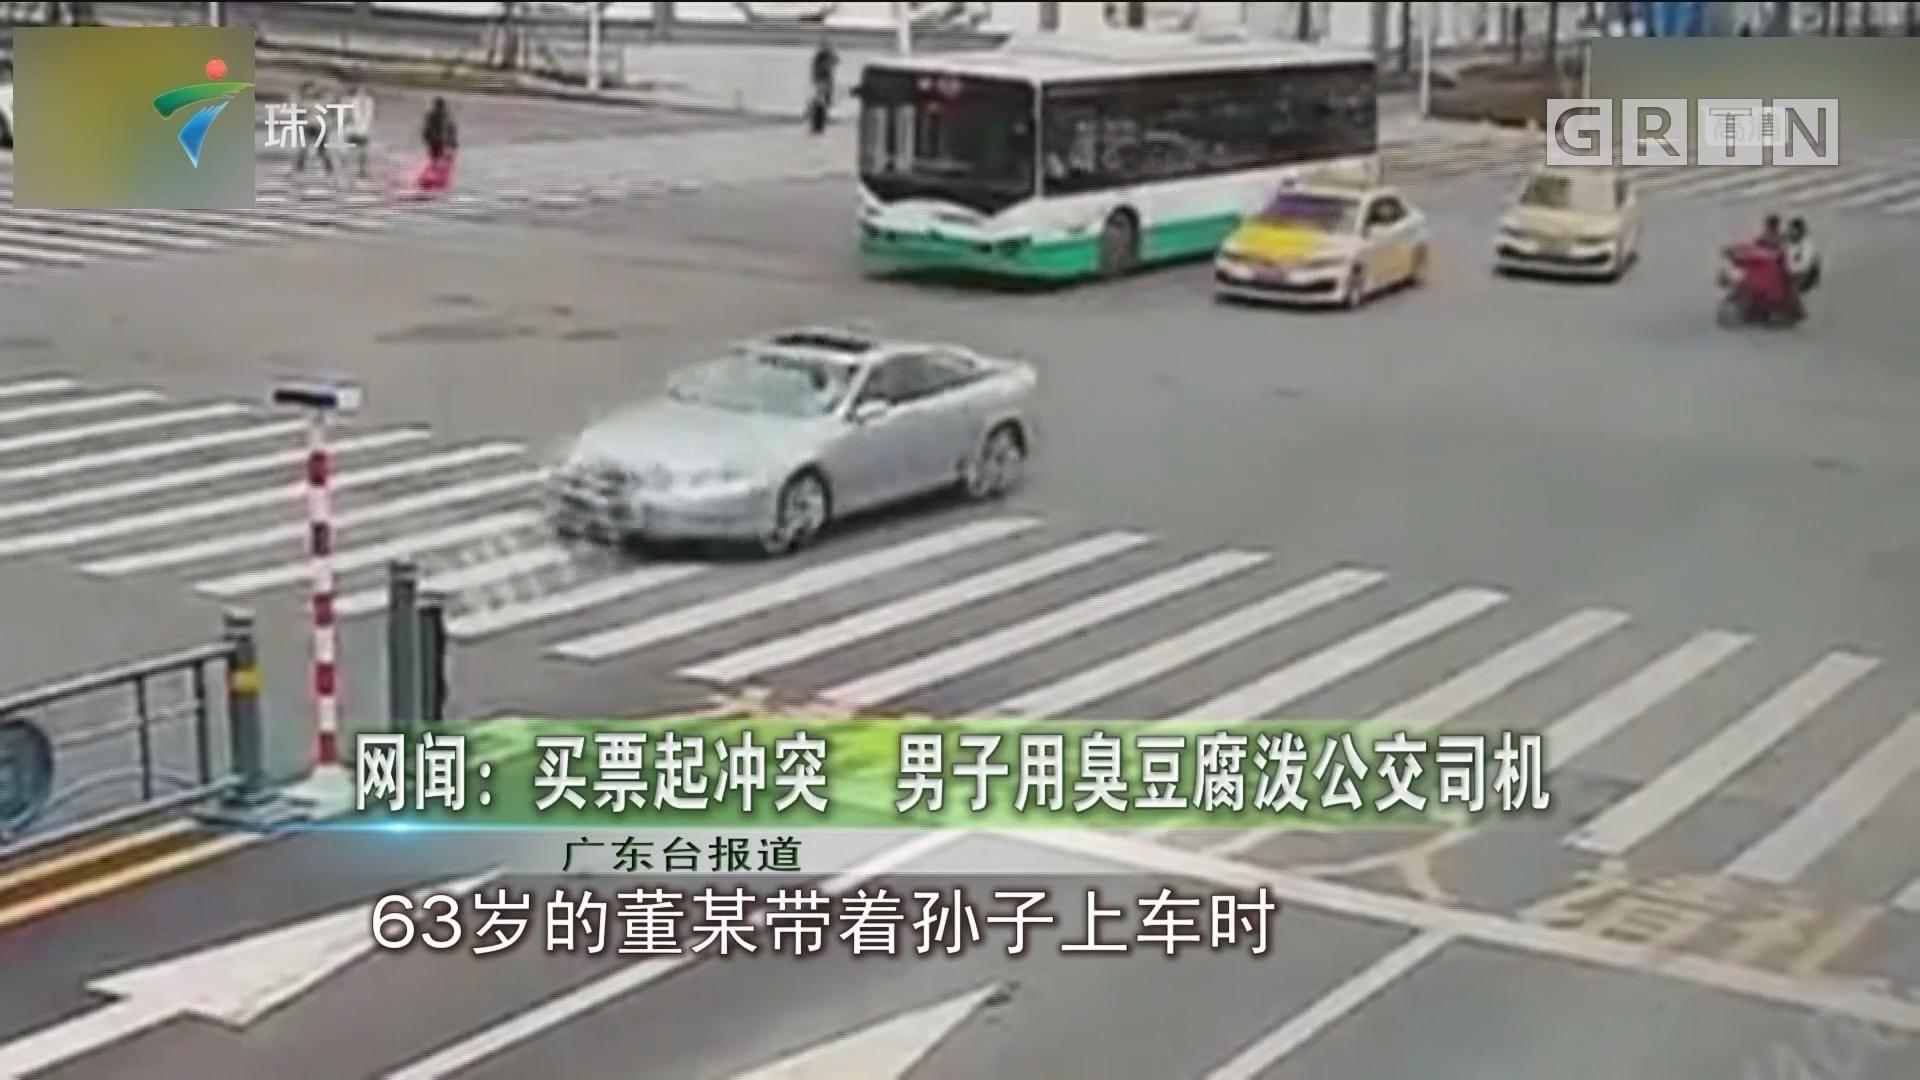 网闻:买票起冲突 男子用臭豆腐泼公交司机